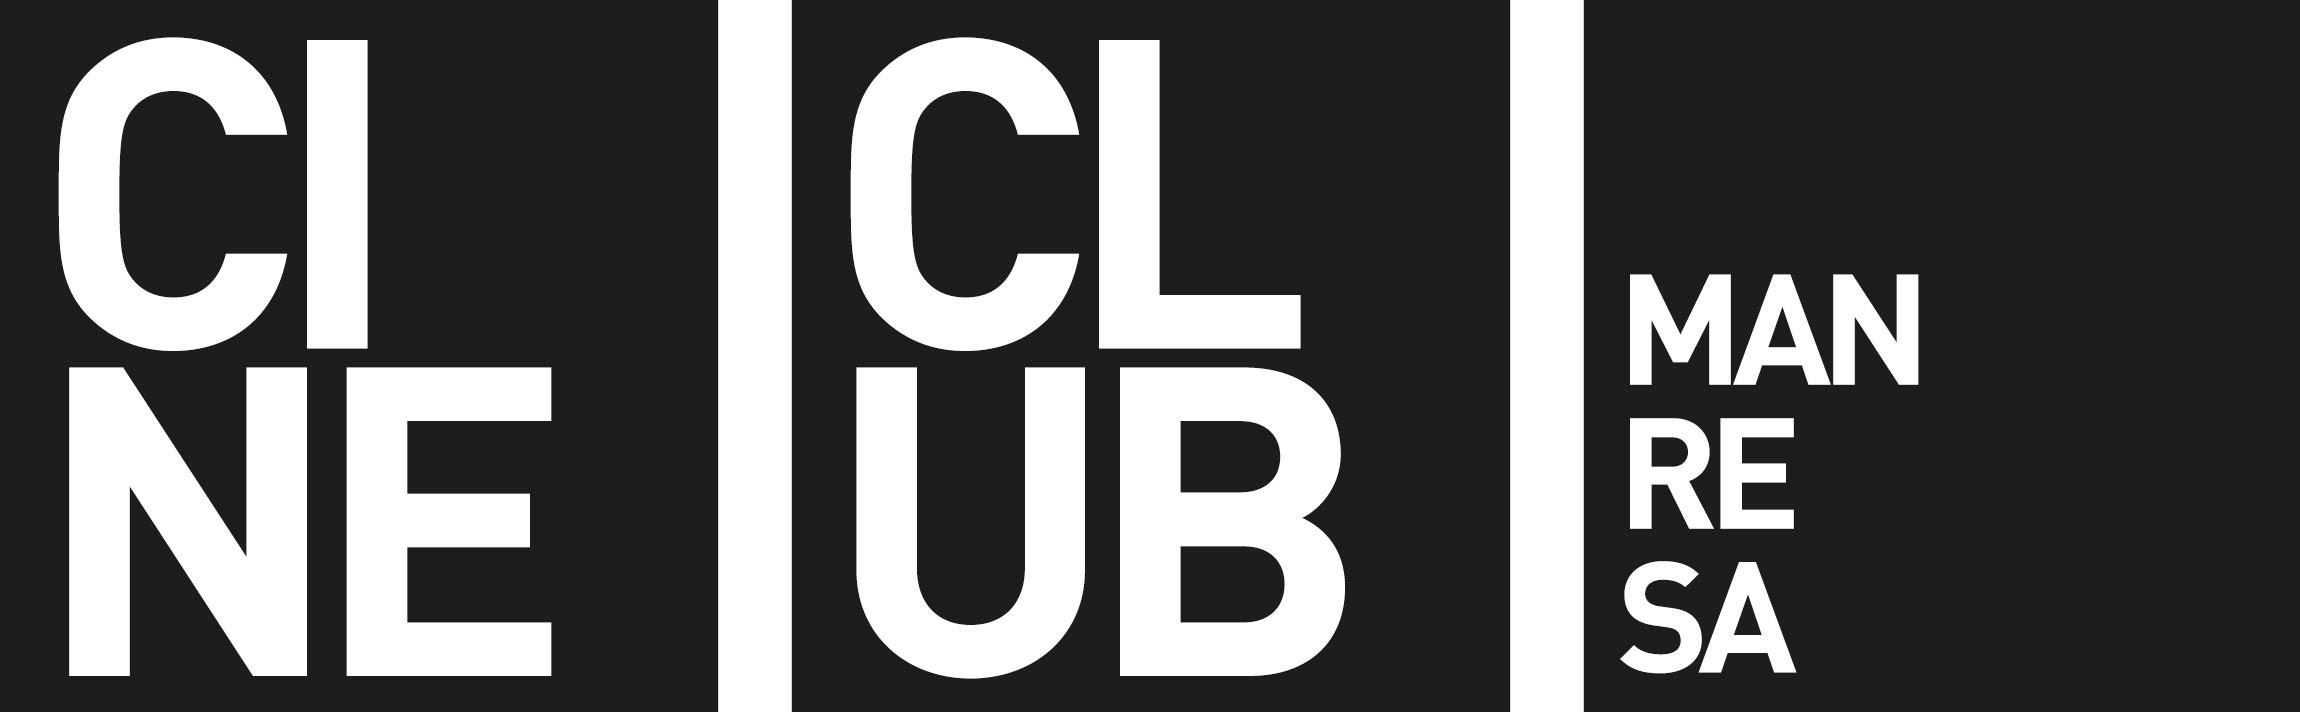 Cineclub Manresa